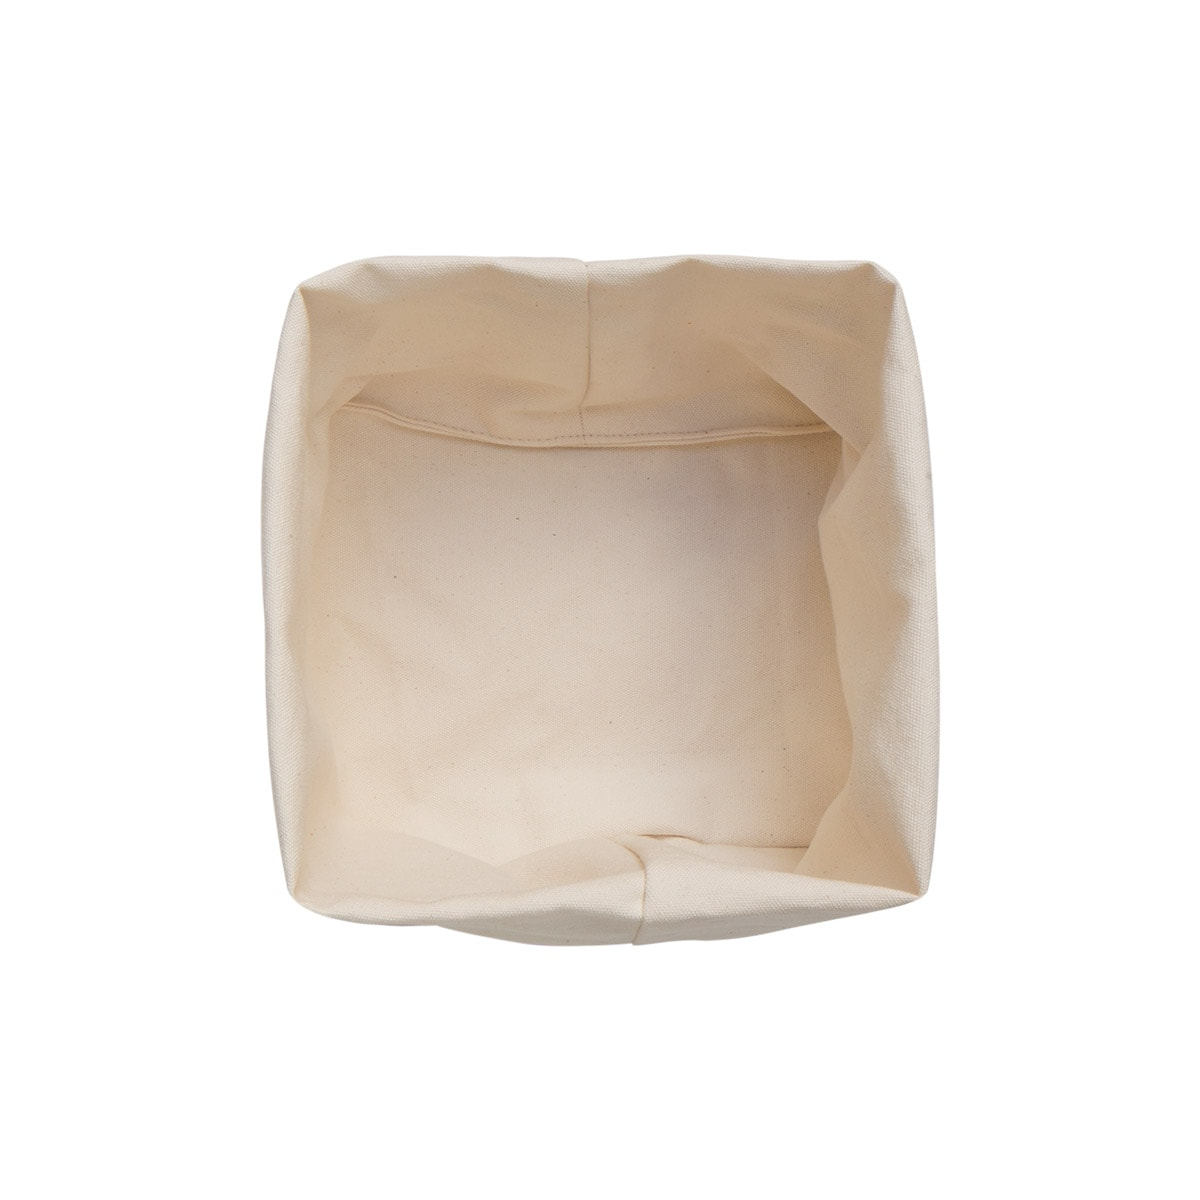 Cesto Organizador • Futon Company ® #846647 1200x1200 Acessorios Banheiro Moema